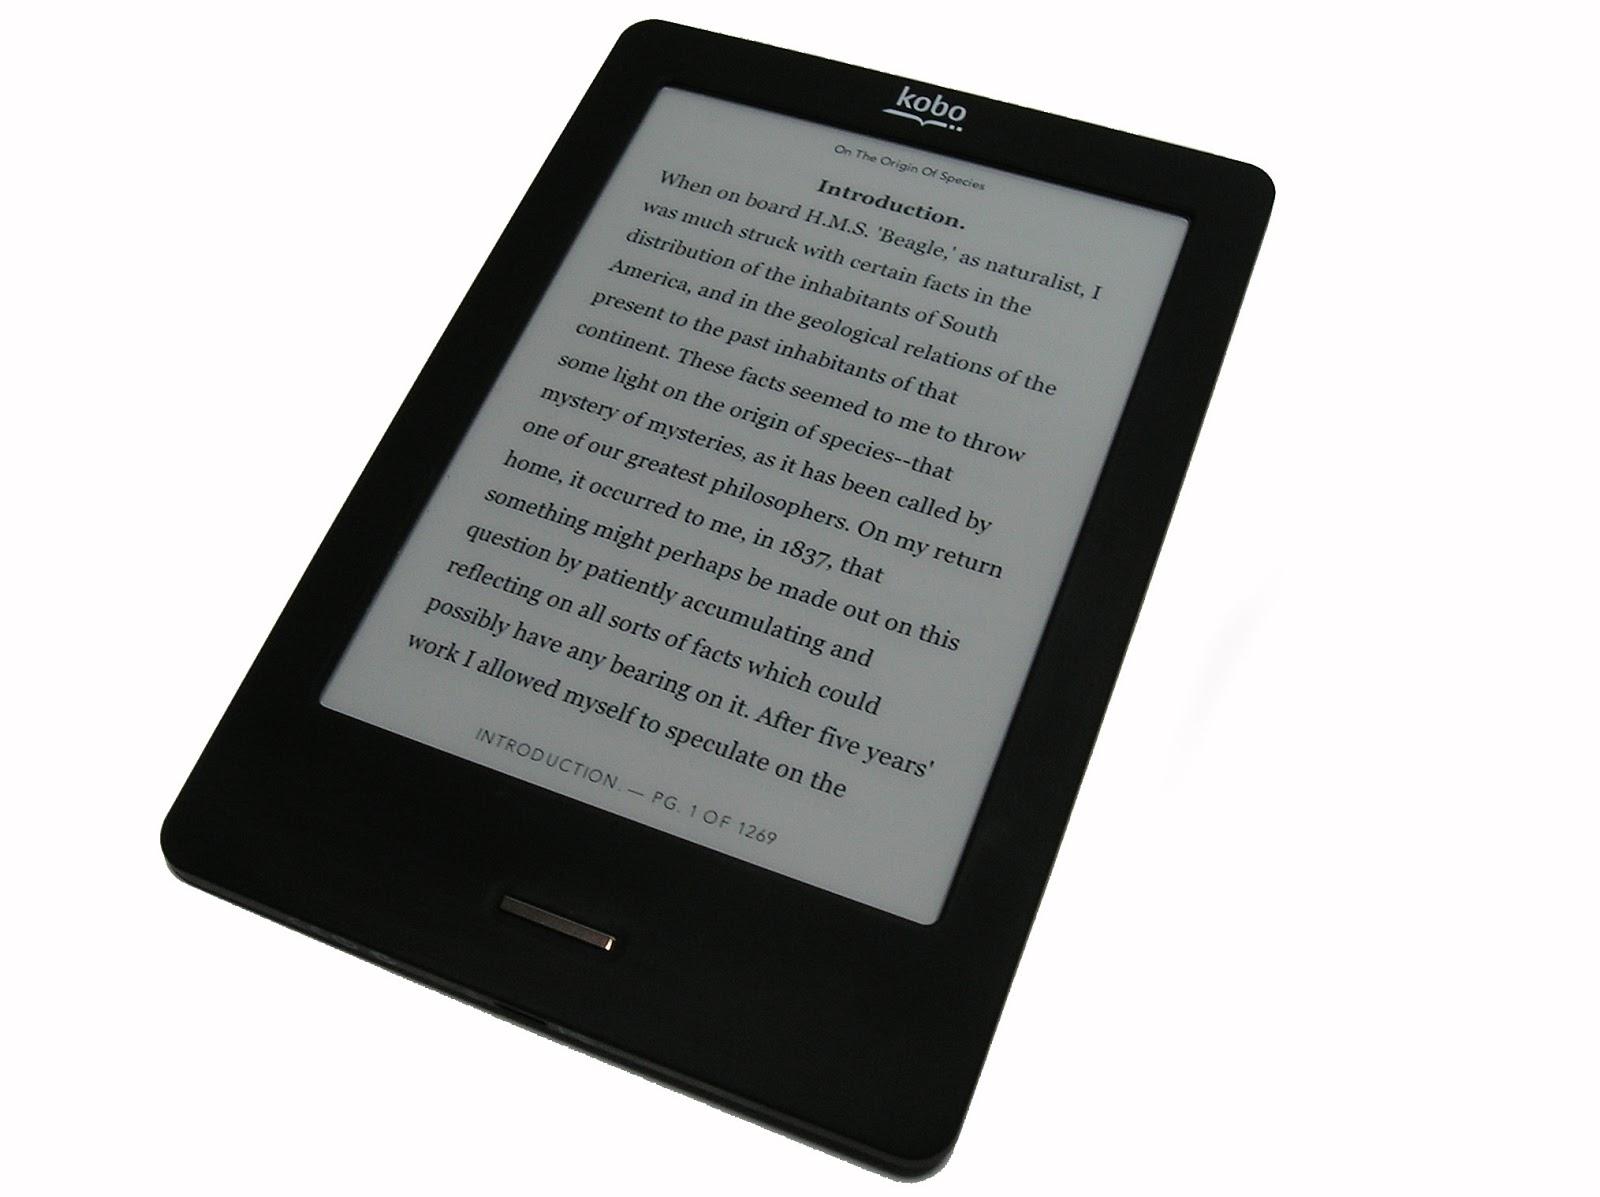 e reader kopen met boekenbon